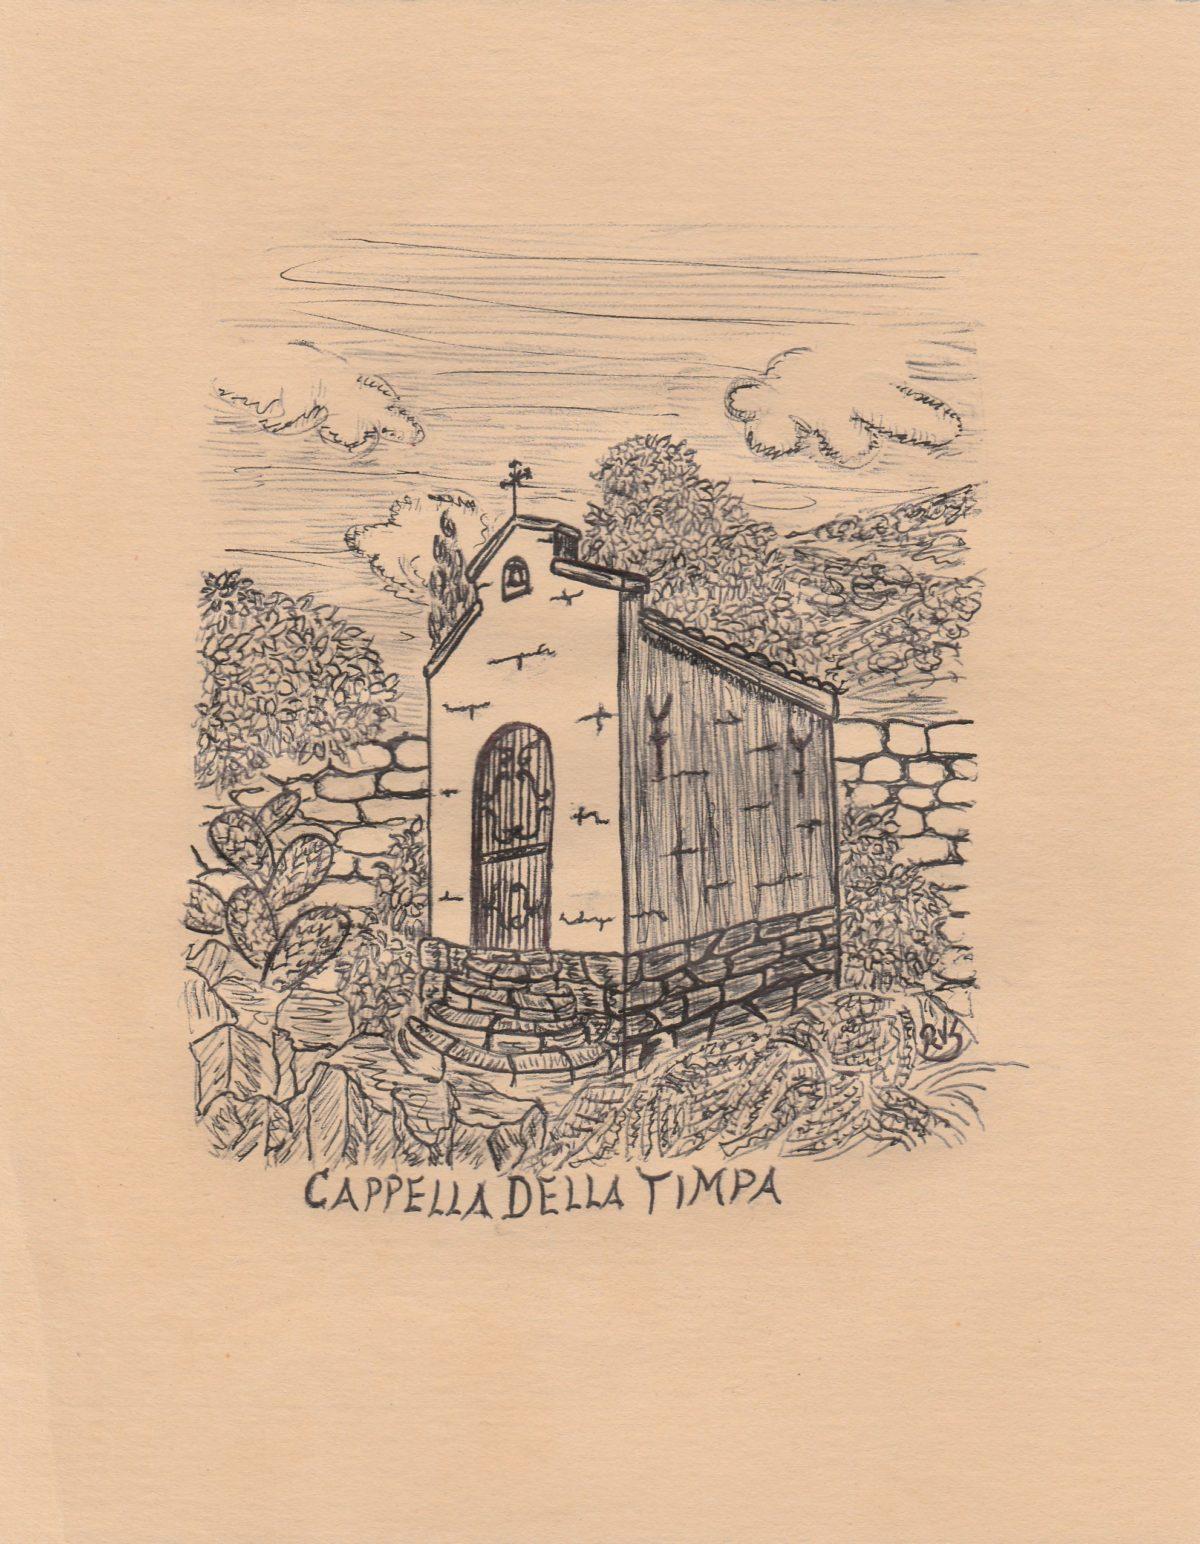 Disegno del mese: Cappella della Timpa